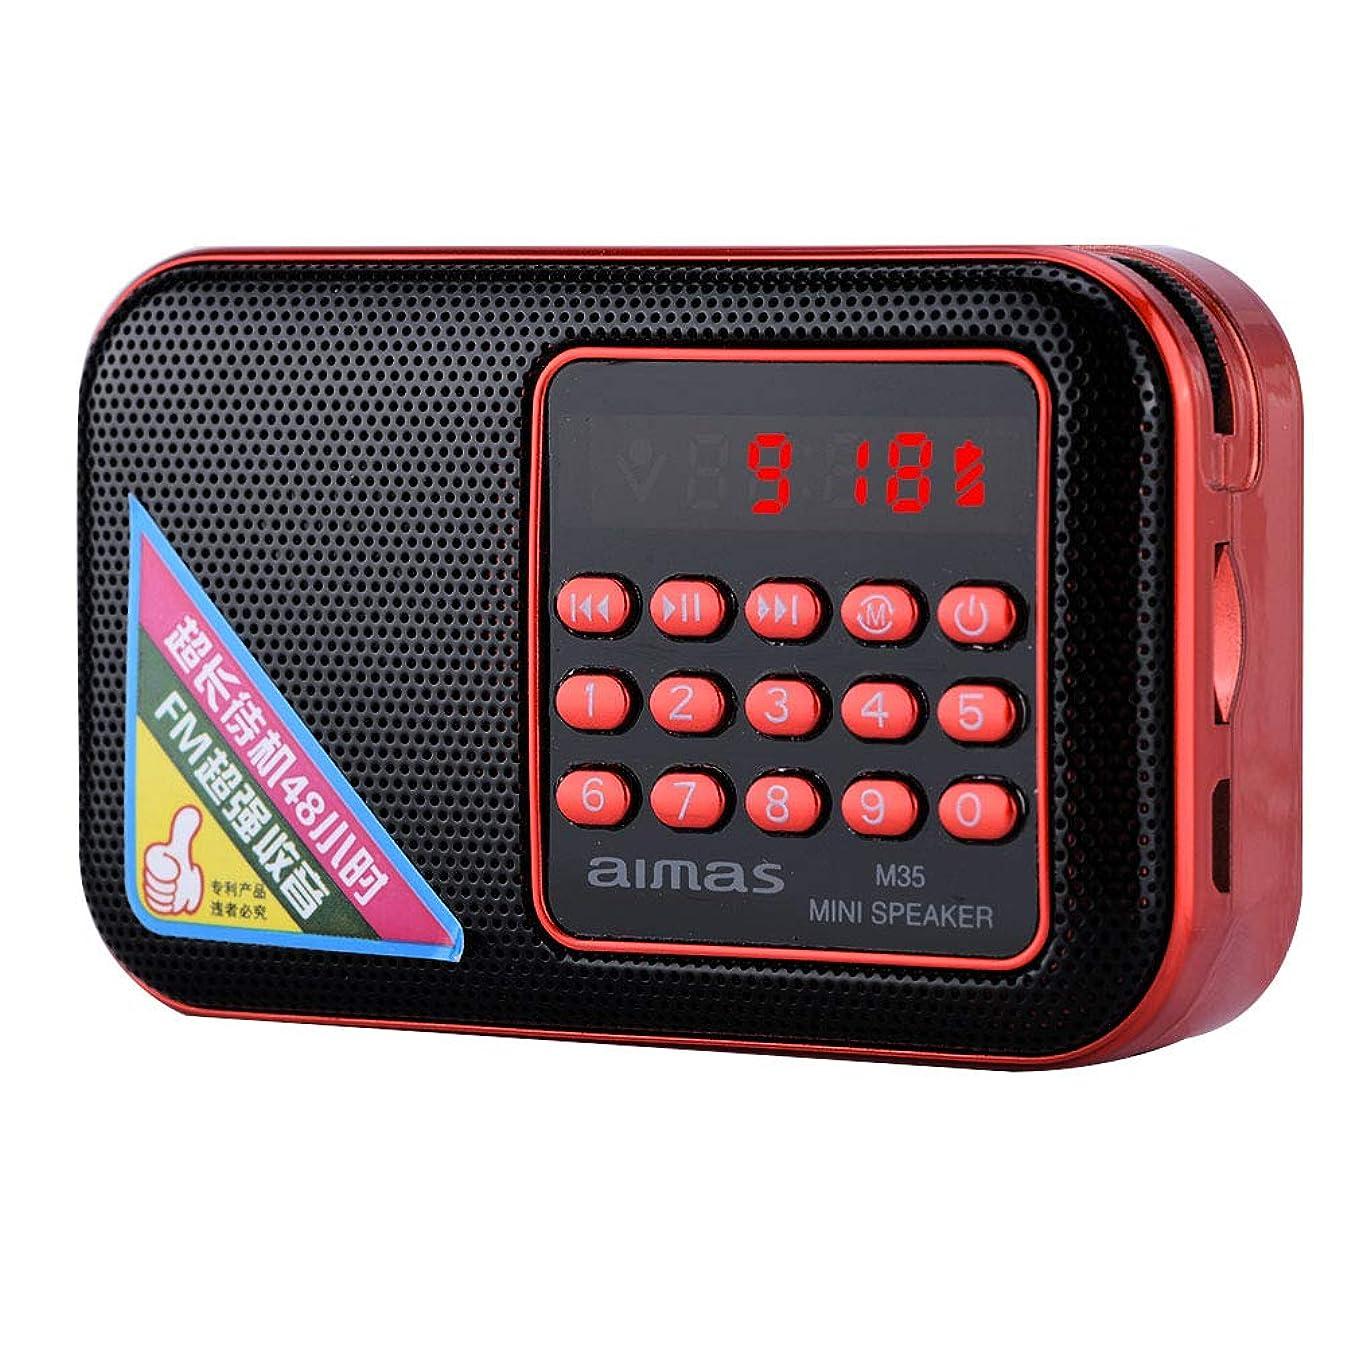 巧みな静脈パッチ新品未使用 M35ポータブルFMラジオ 大型LEDラジオ ロングスタンバイラジオ TFカードいれ 老人用進めラジオ USBポート提供 充電可能のバッテリ付きラジオ